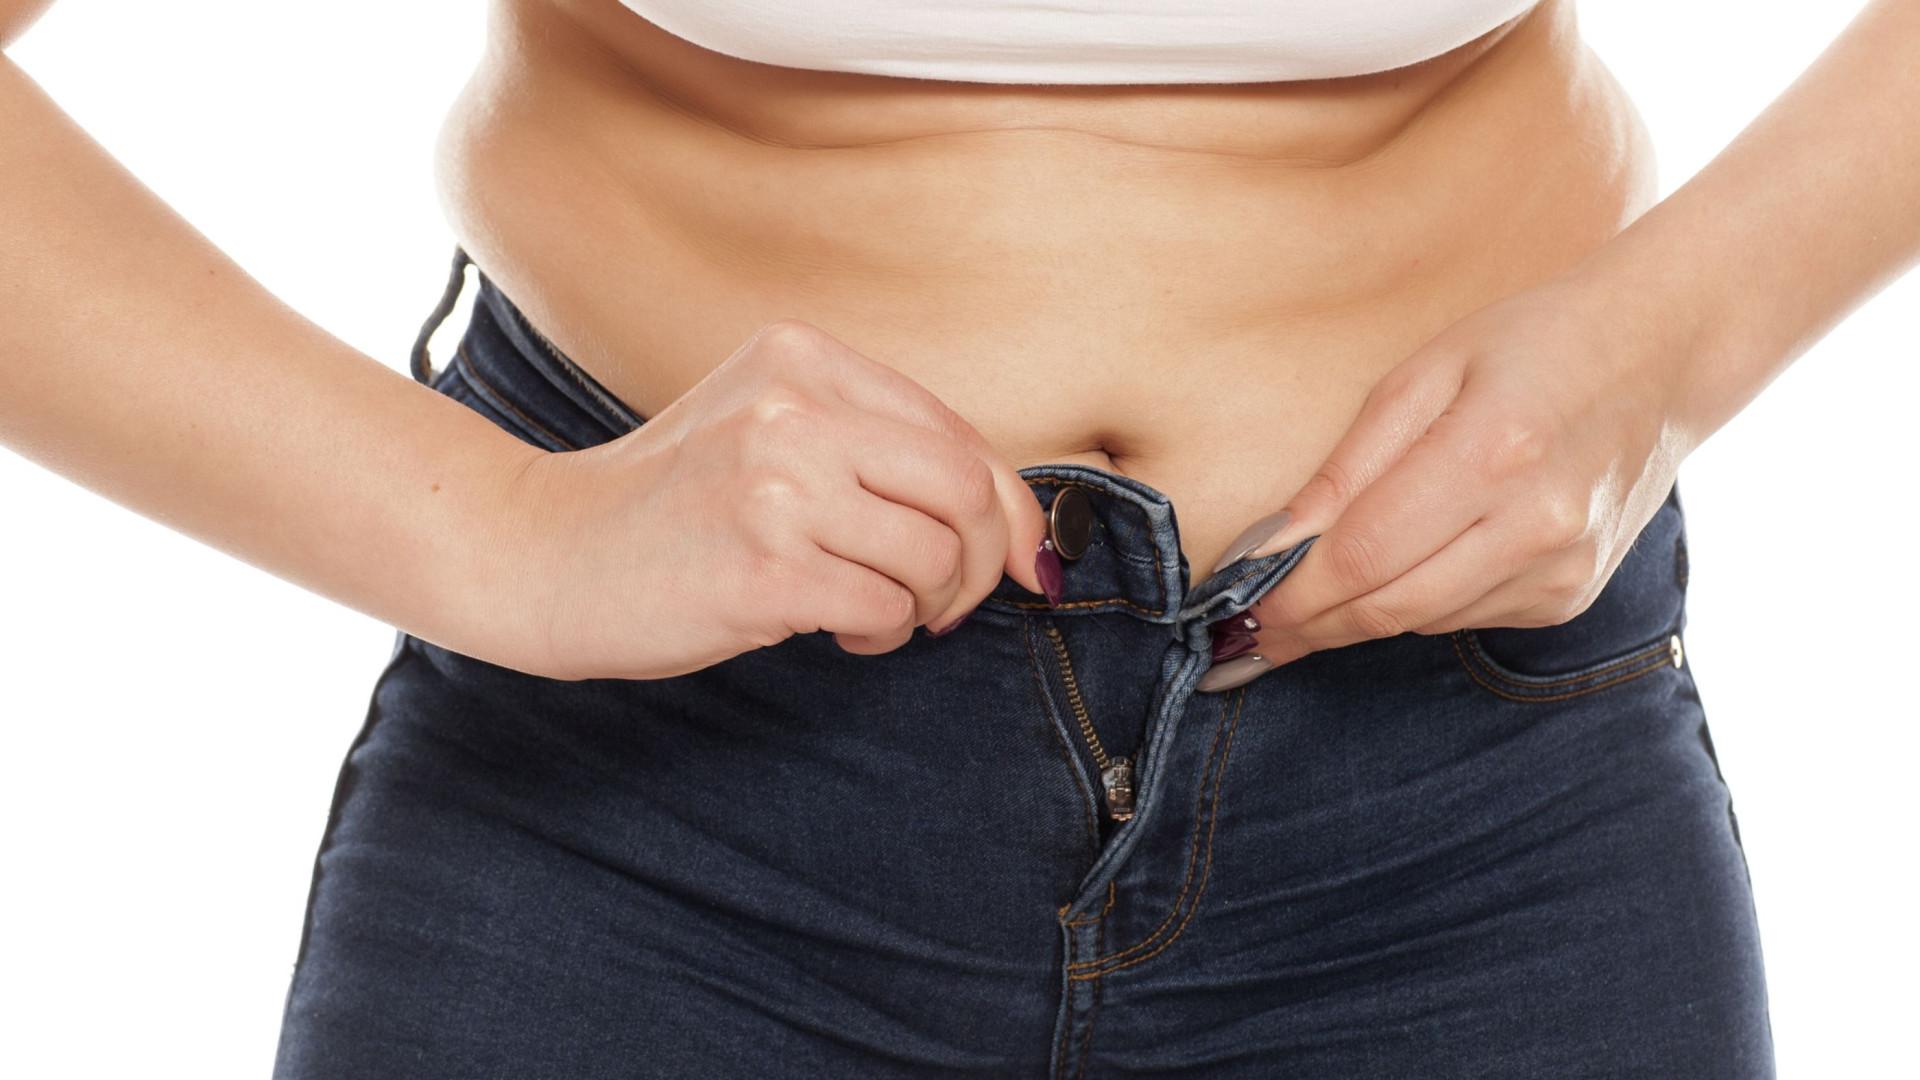 O alimento improvável que provoca inchaço abdominal